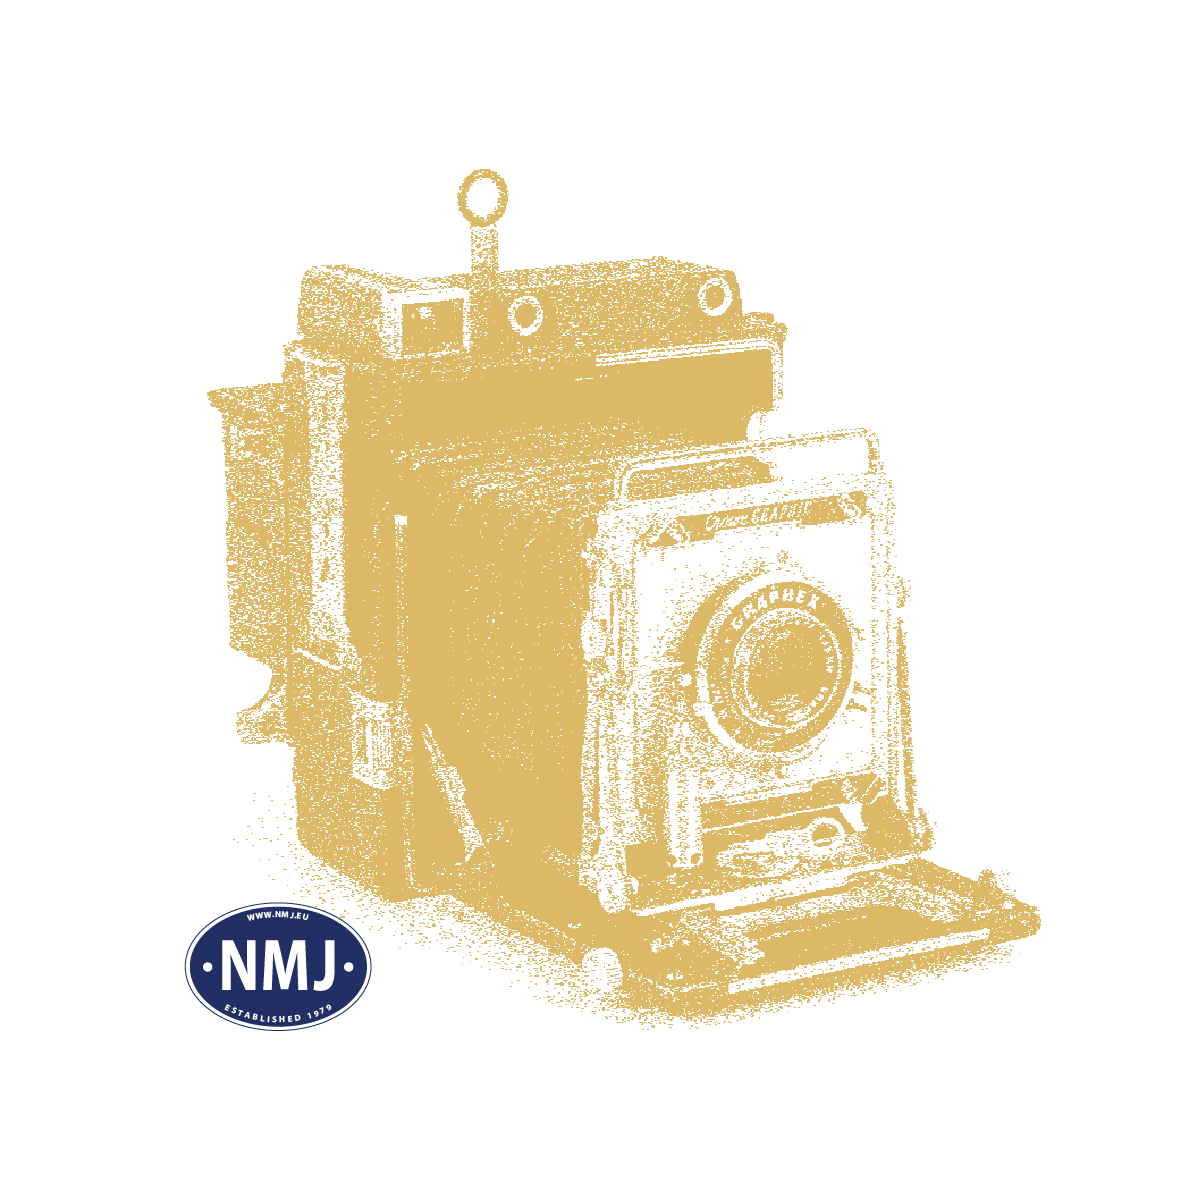 NMJ Superline NSB Type 21c 375